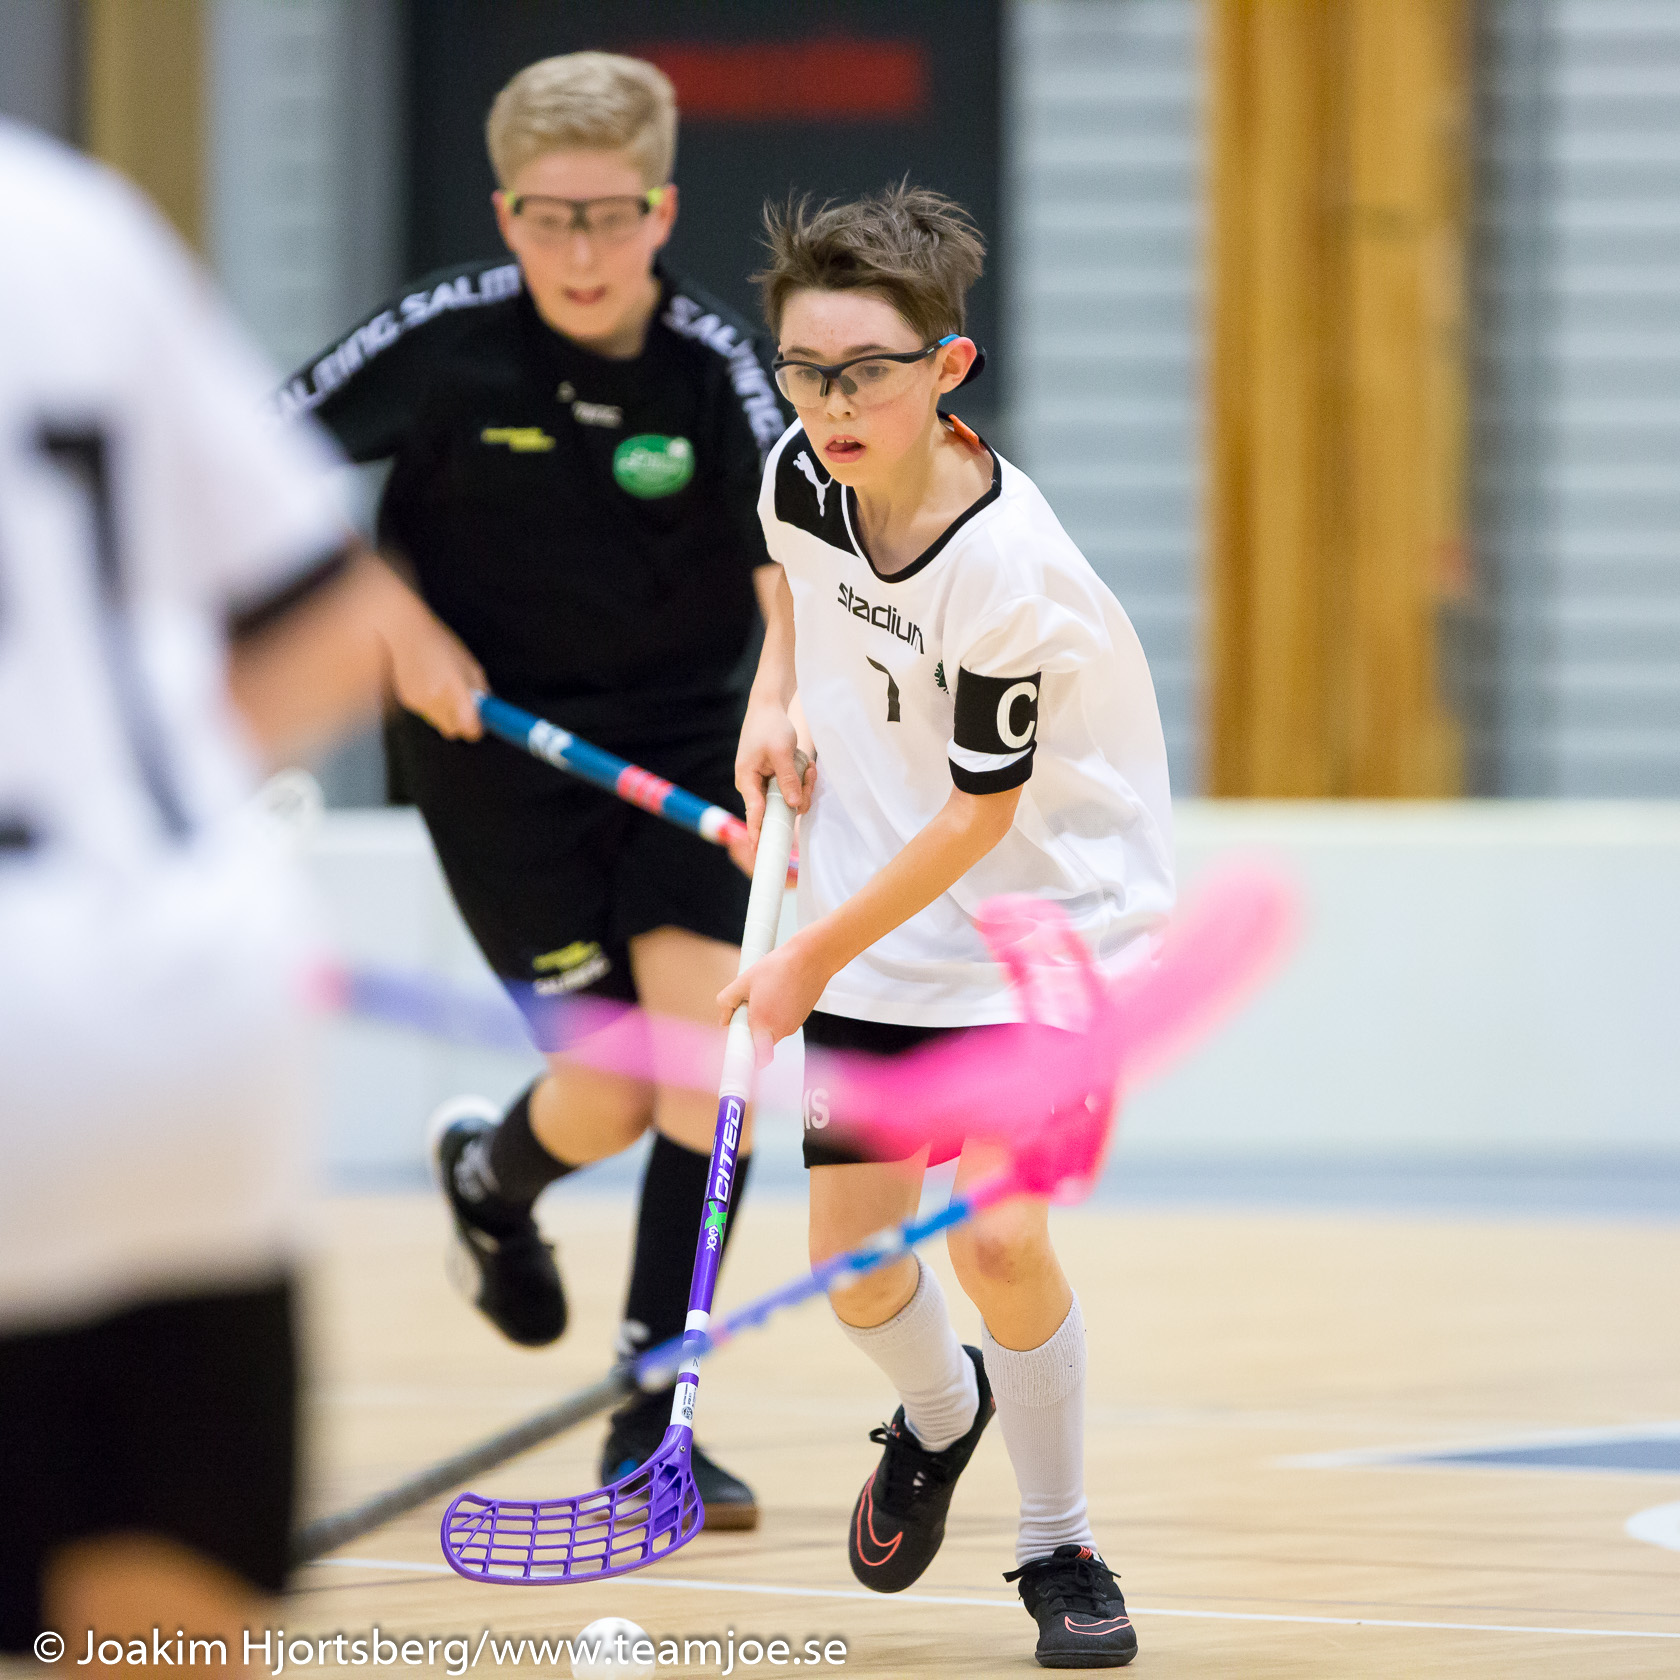 20160409_2001 Örebrocupen